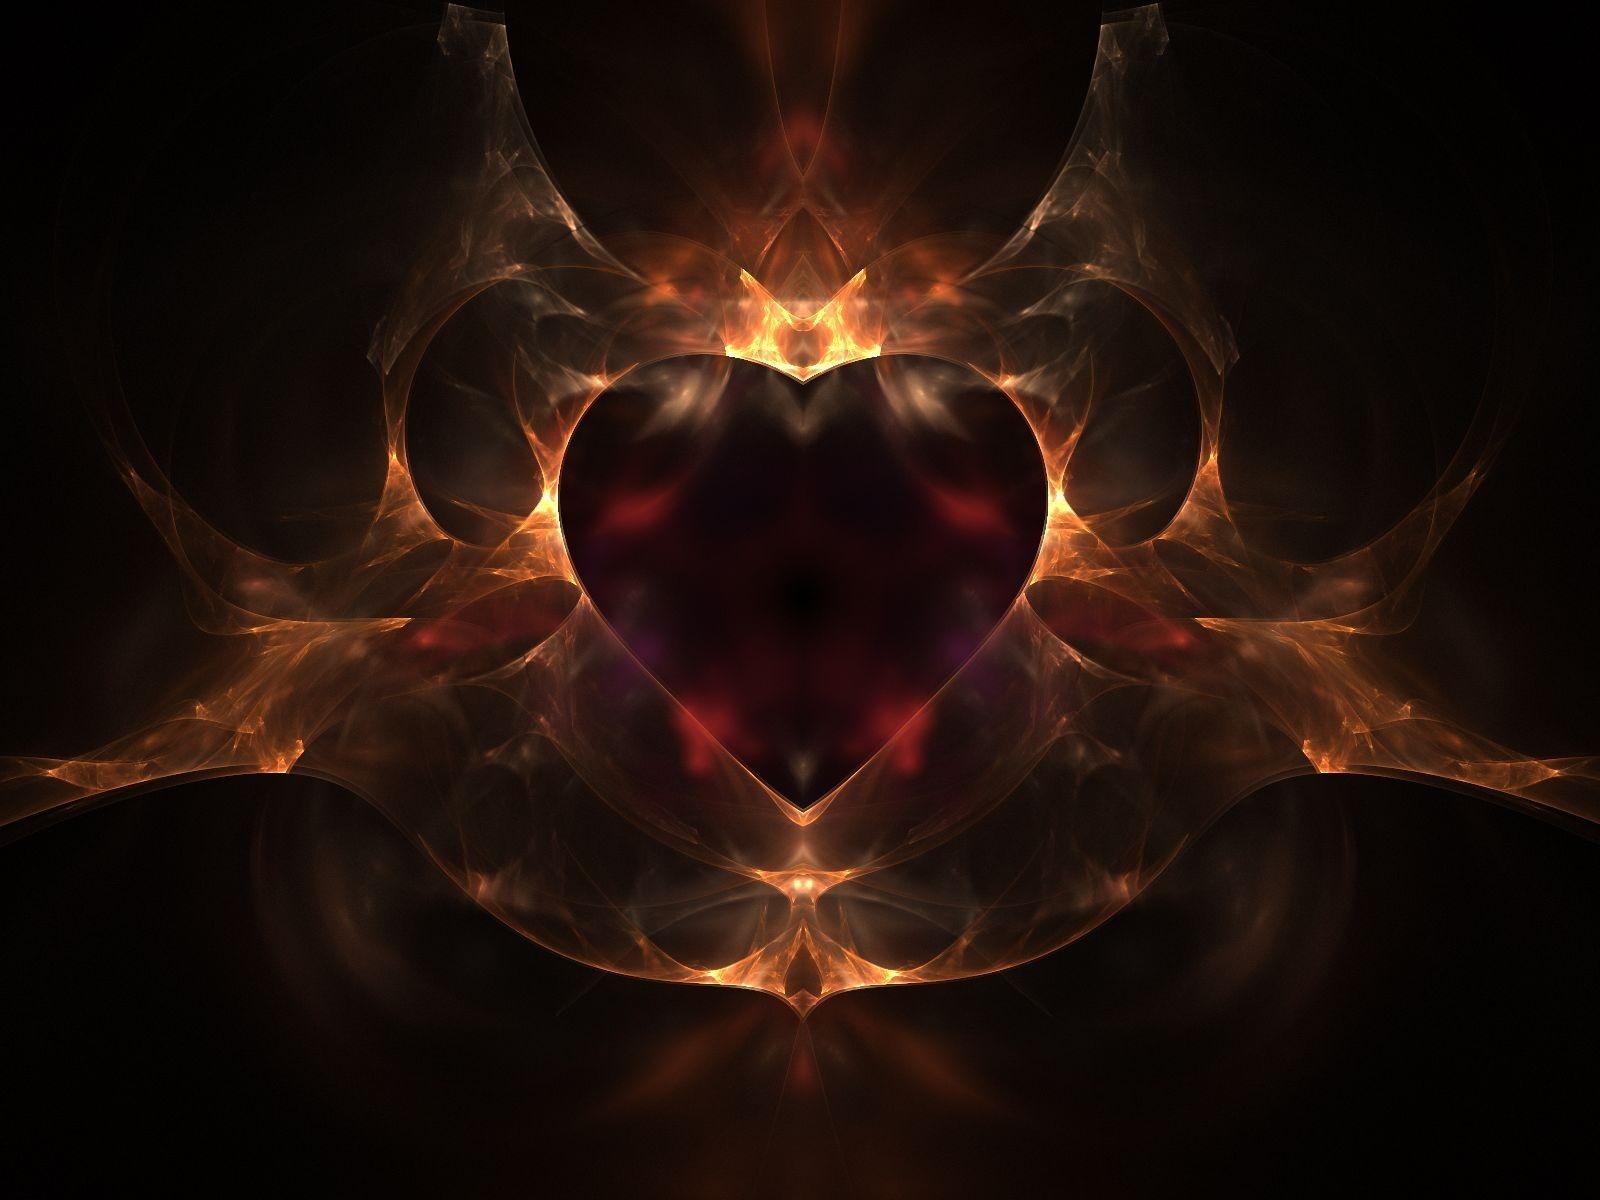 Fond d'ecran Coeur feu - Wallpaper